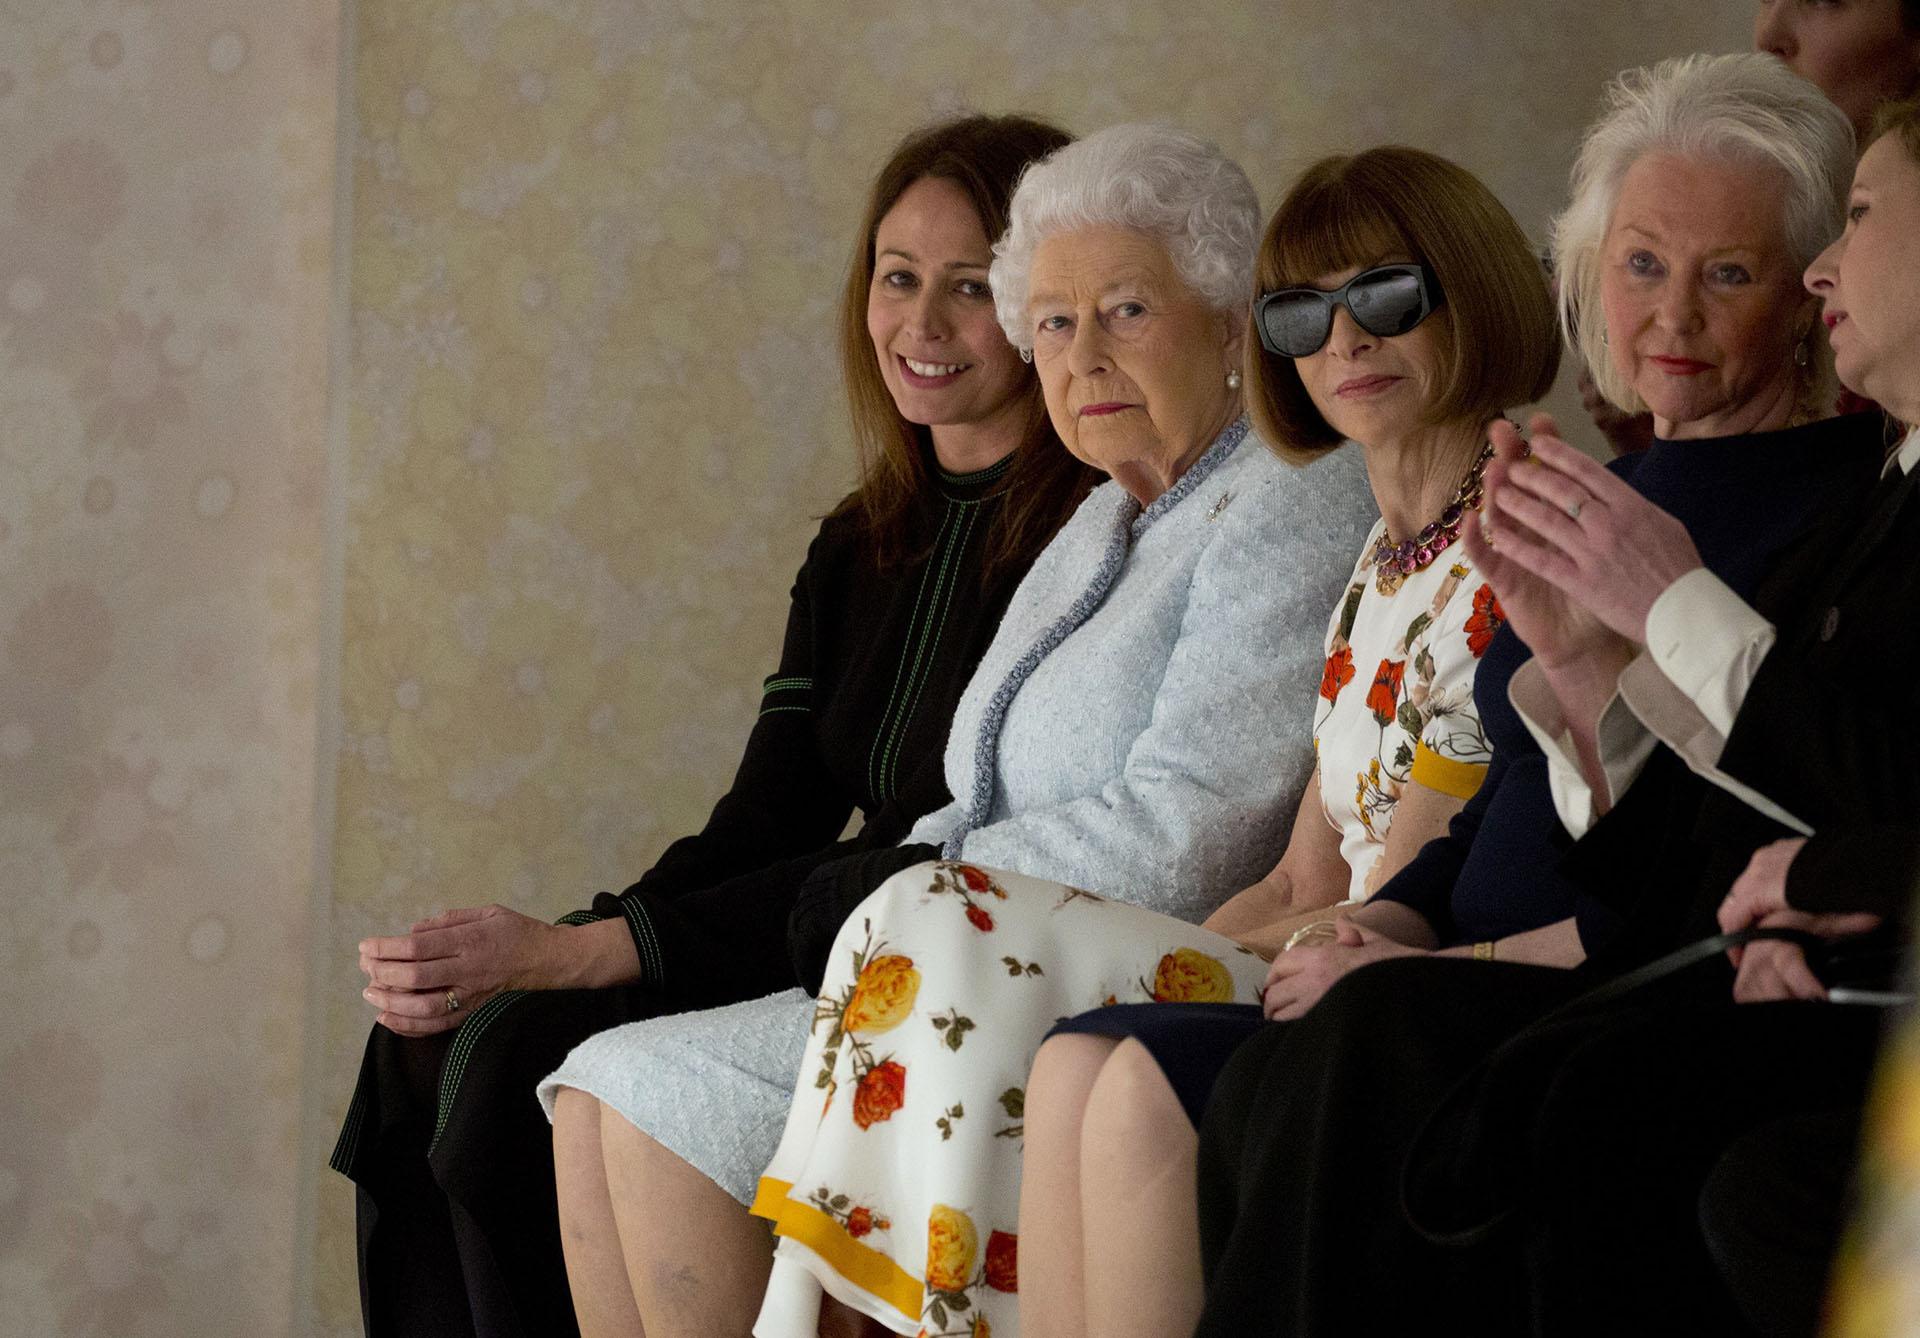 La Reina Isabel II soprendió con su presencia desde la primera fila del fashio show